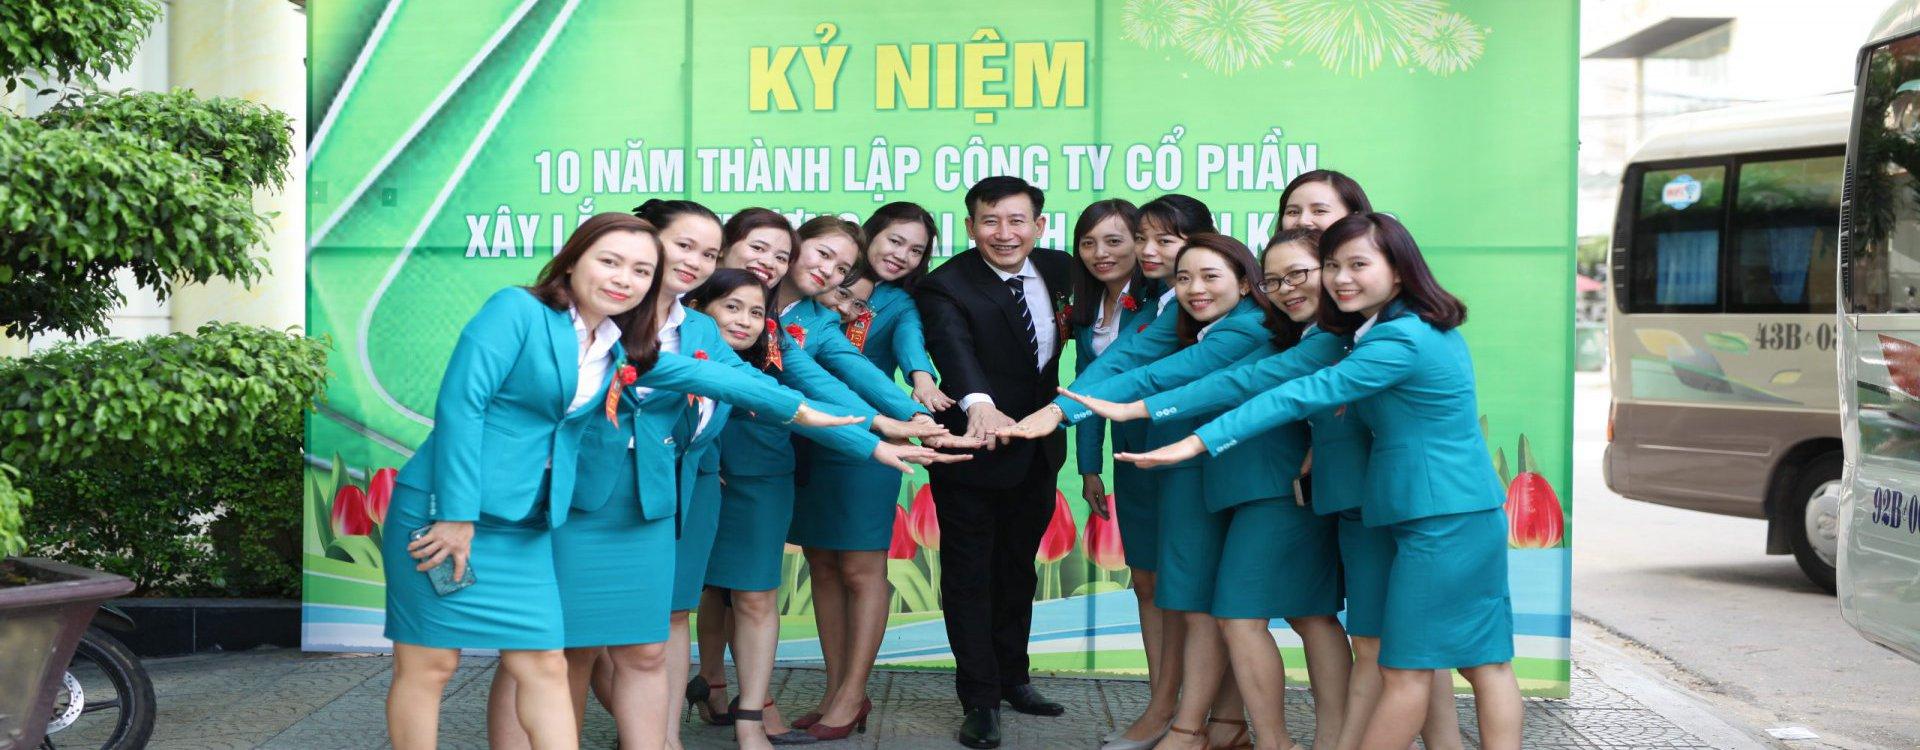 THÉP TÂN KHANG